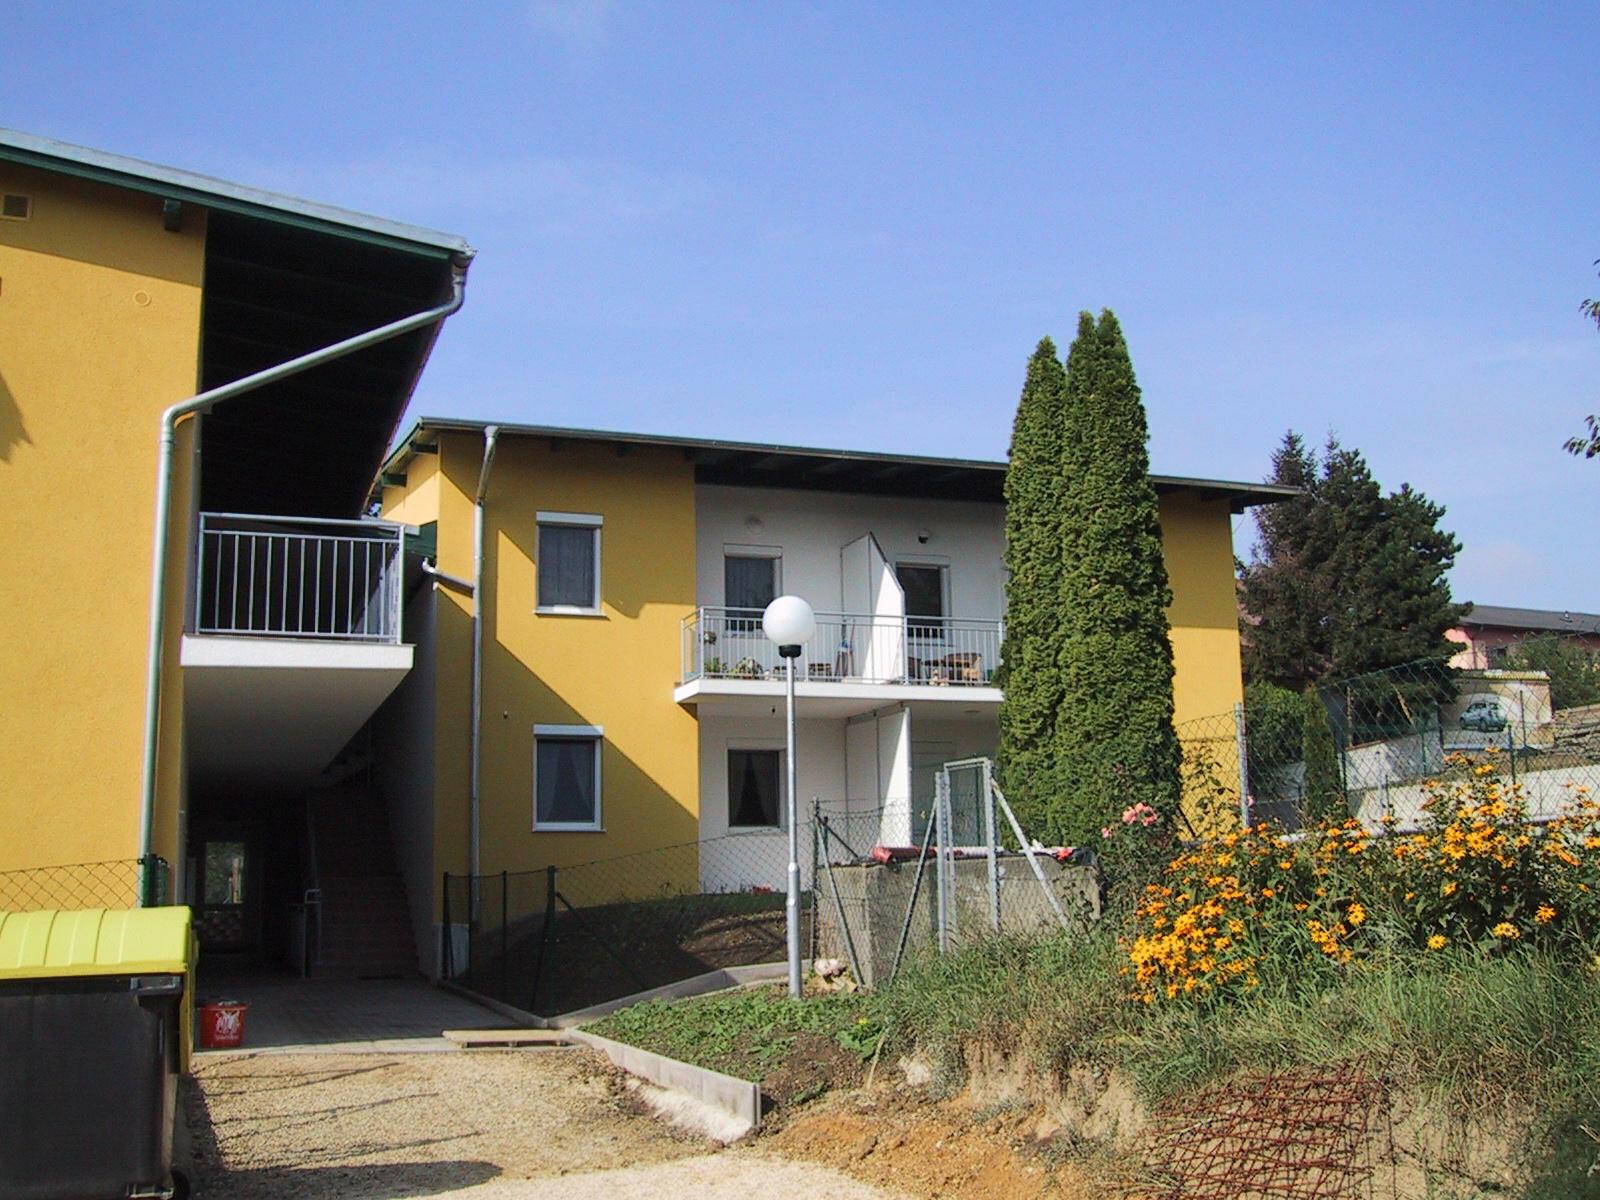 Wohnhausanlagen in Mistelbach